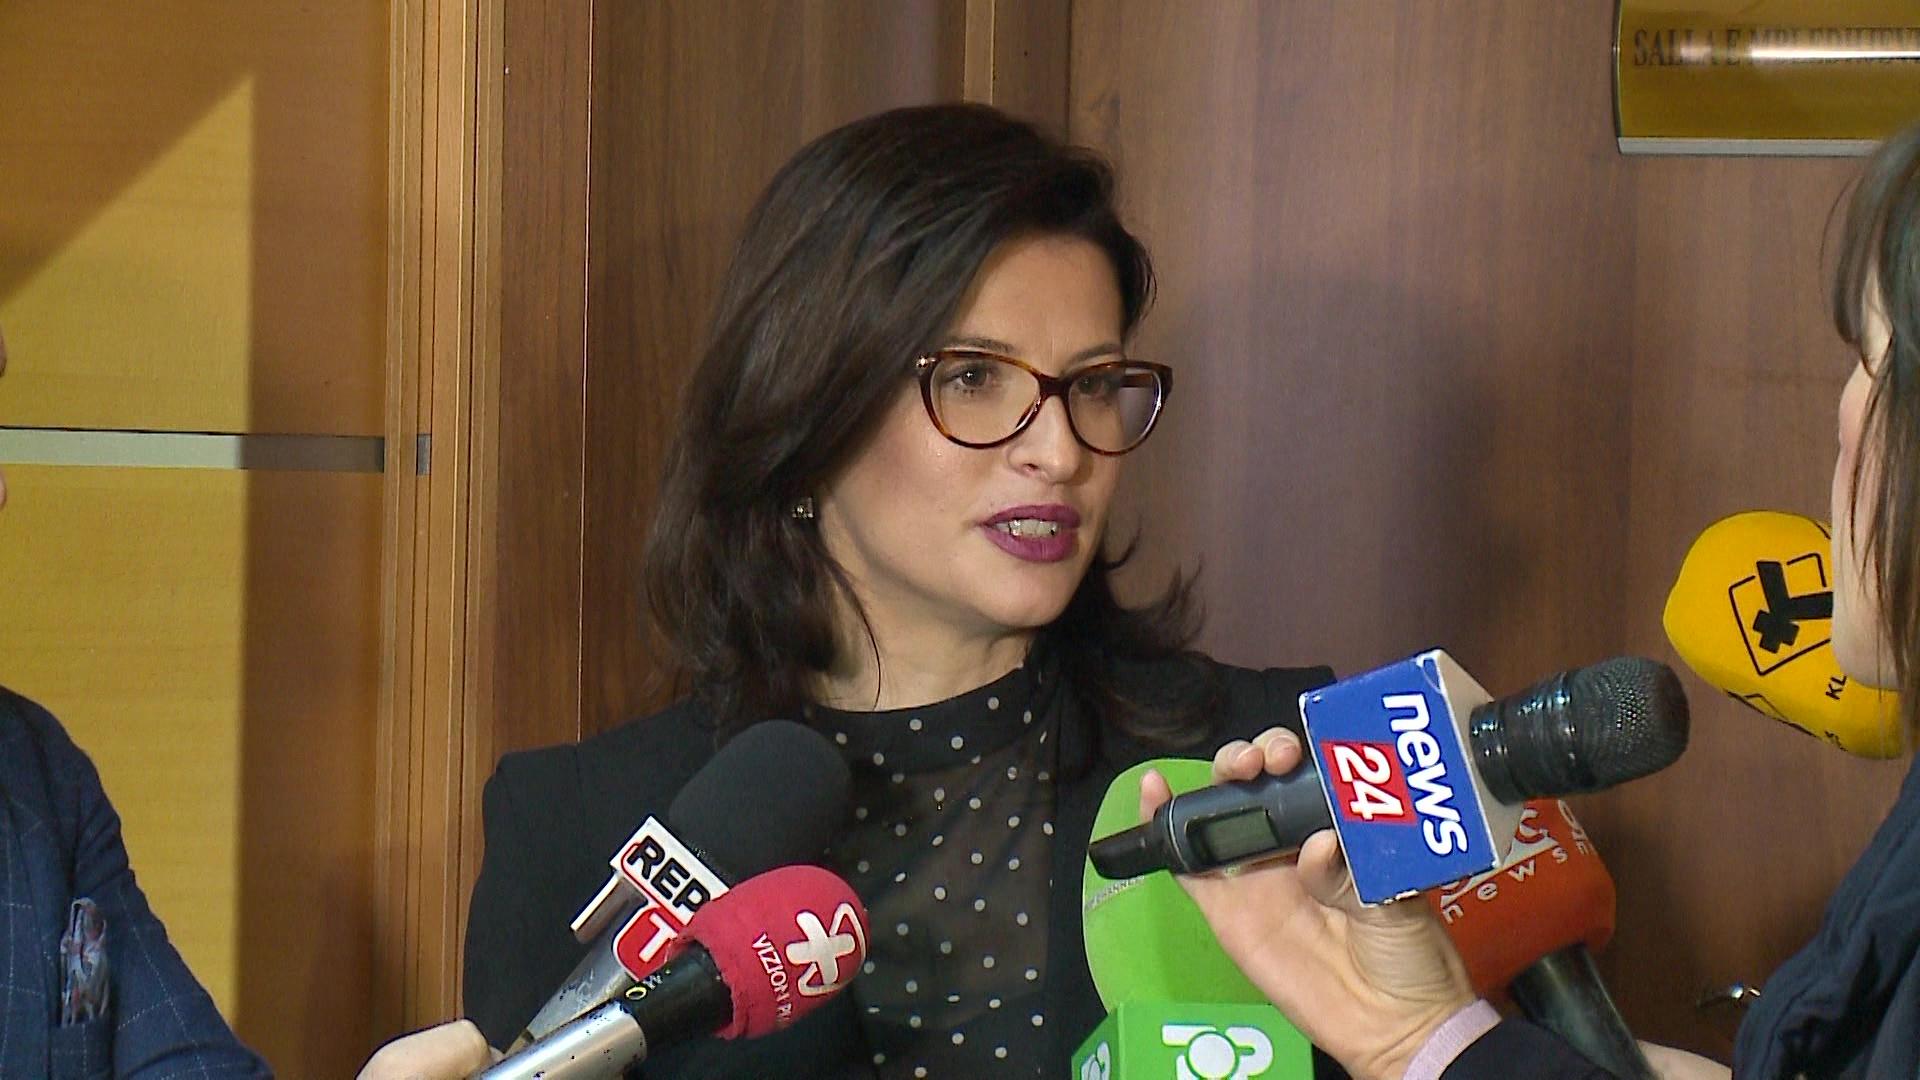 Dosja Habilaj, Ministria e Drejtësisë përfundon përkthimin e materialit voluminoz